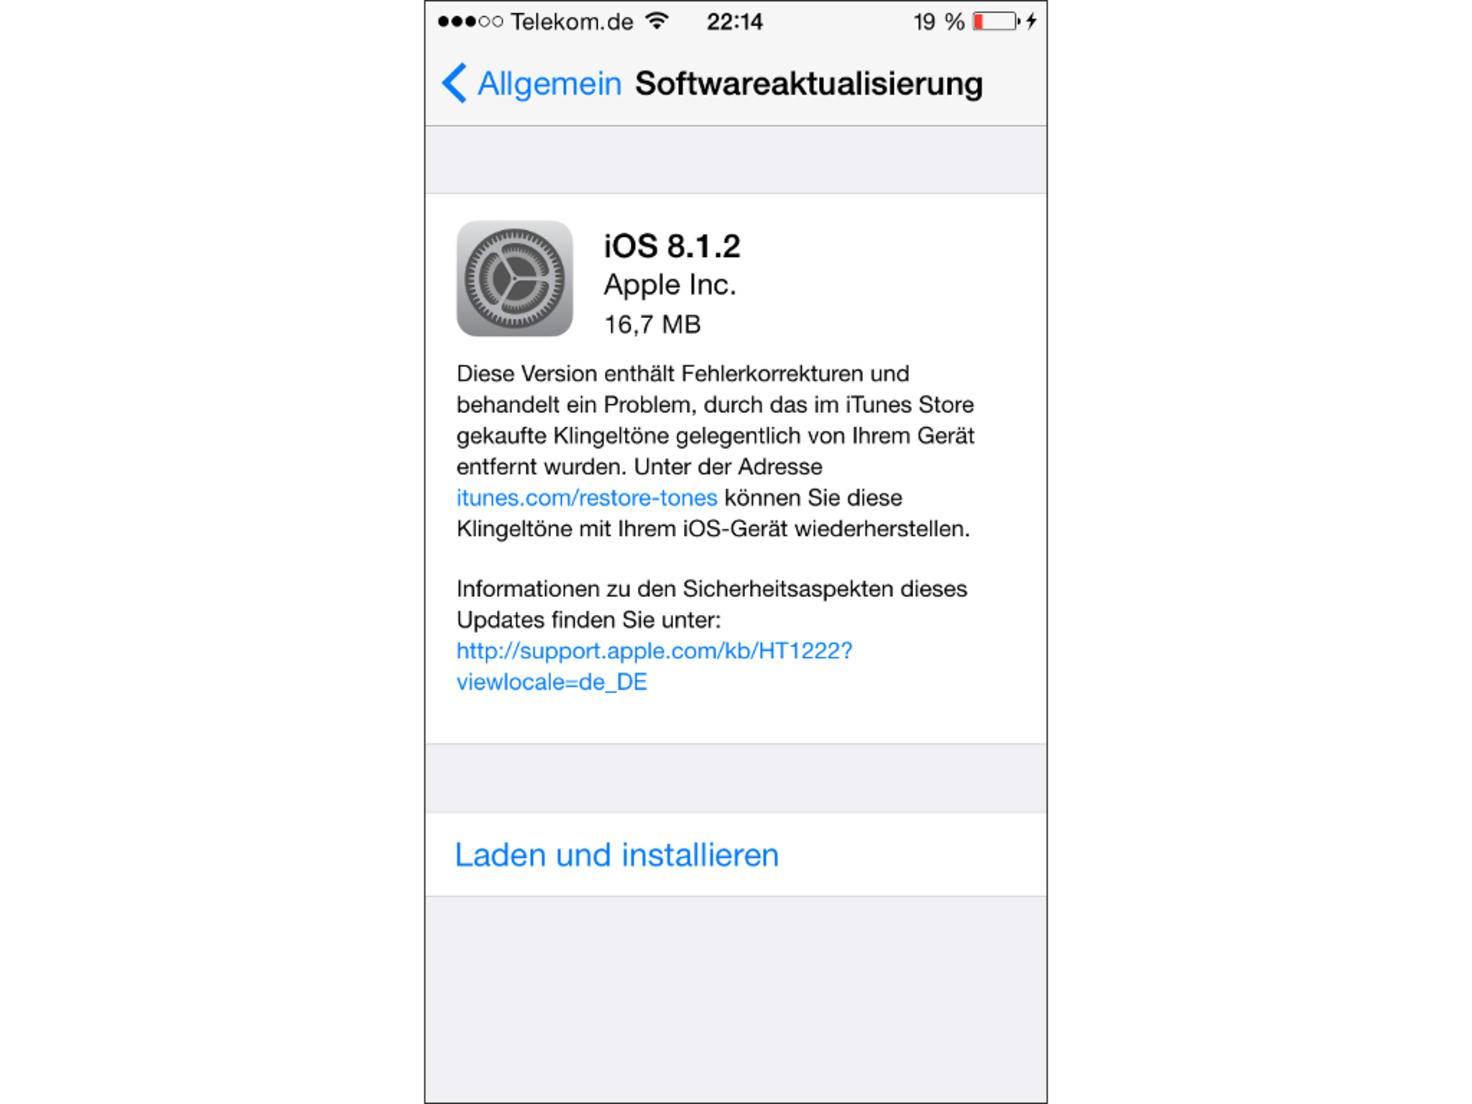 Apple bleibt stark: iOS 8 im Google-Mittelfeld.